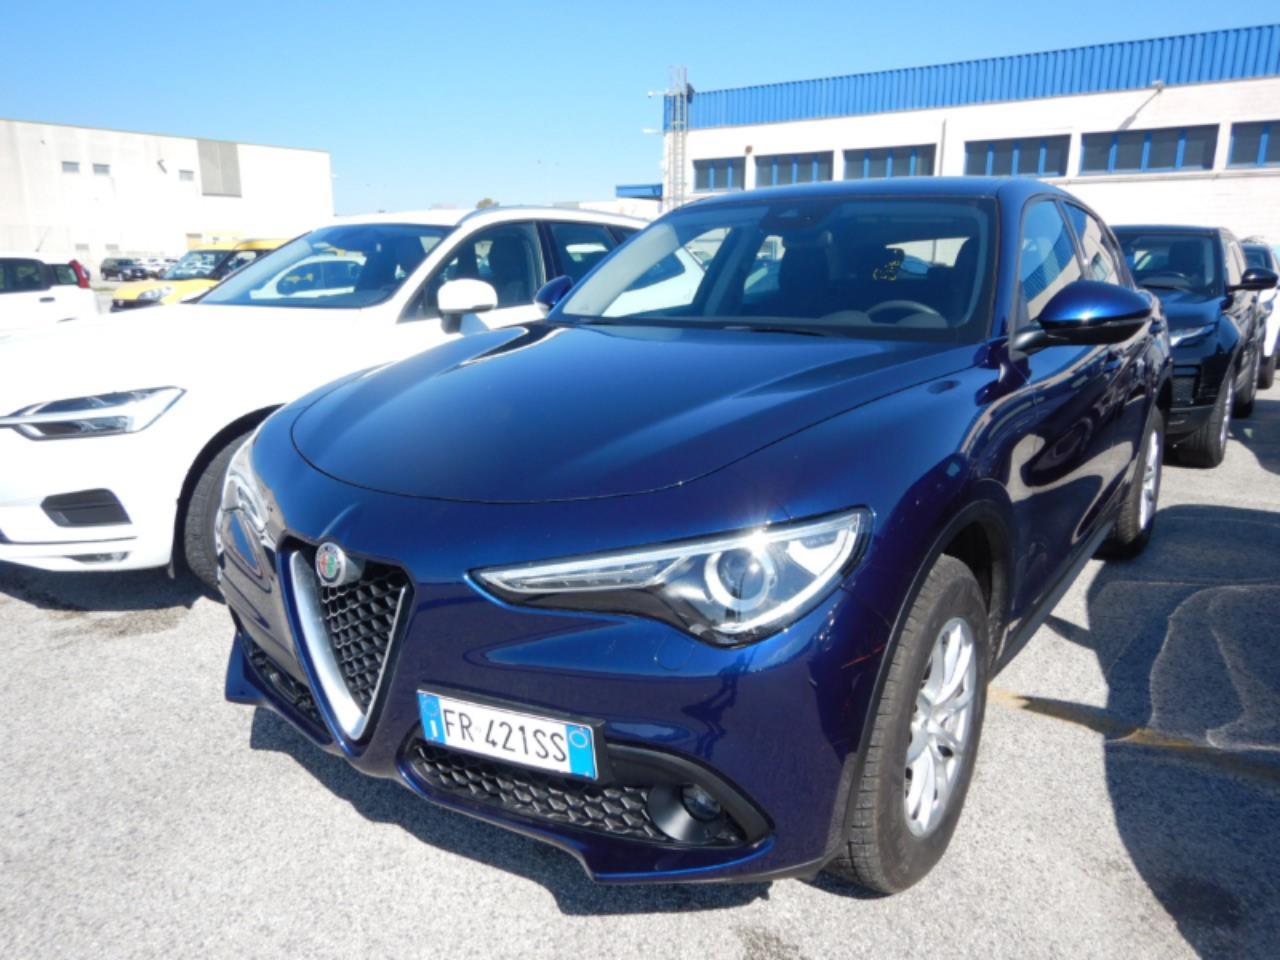 ALFA ROMEO Stelvio 2.2 turbodiesel 180cv at8 e6 ss q4 business ( cruise - navi - bt - bixeno - sensori p. ) km 35000